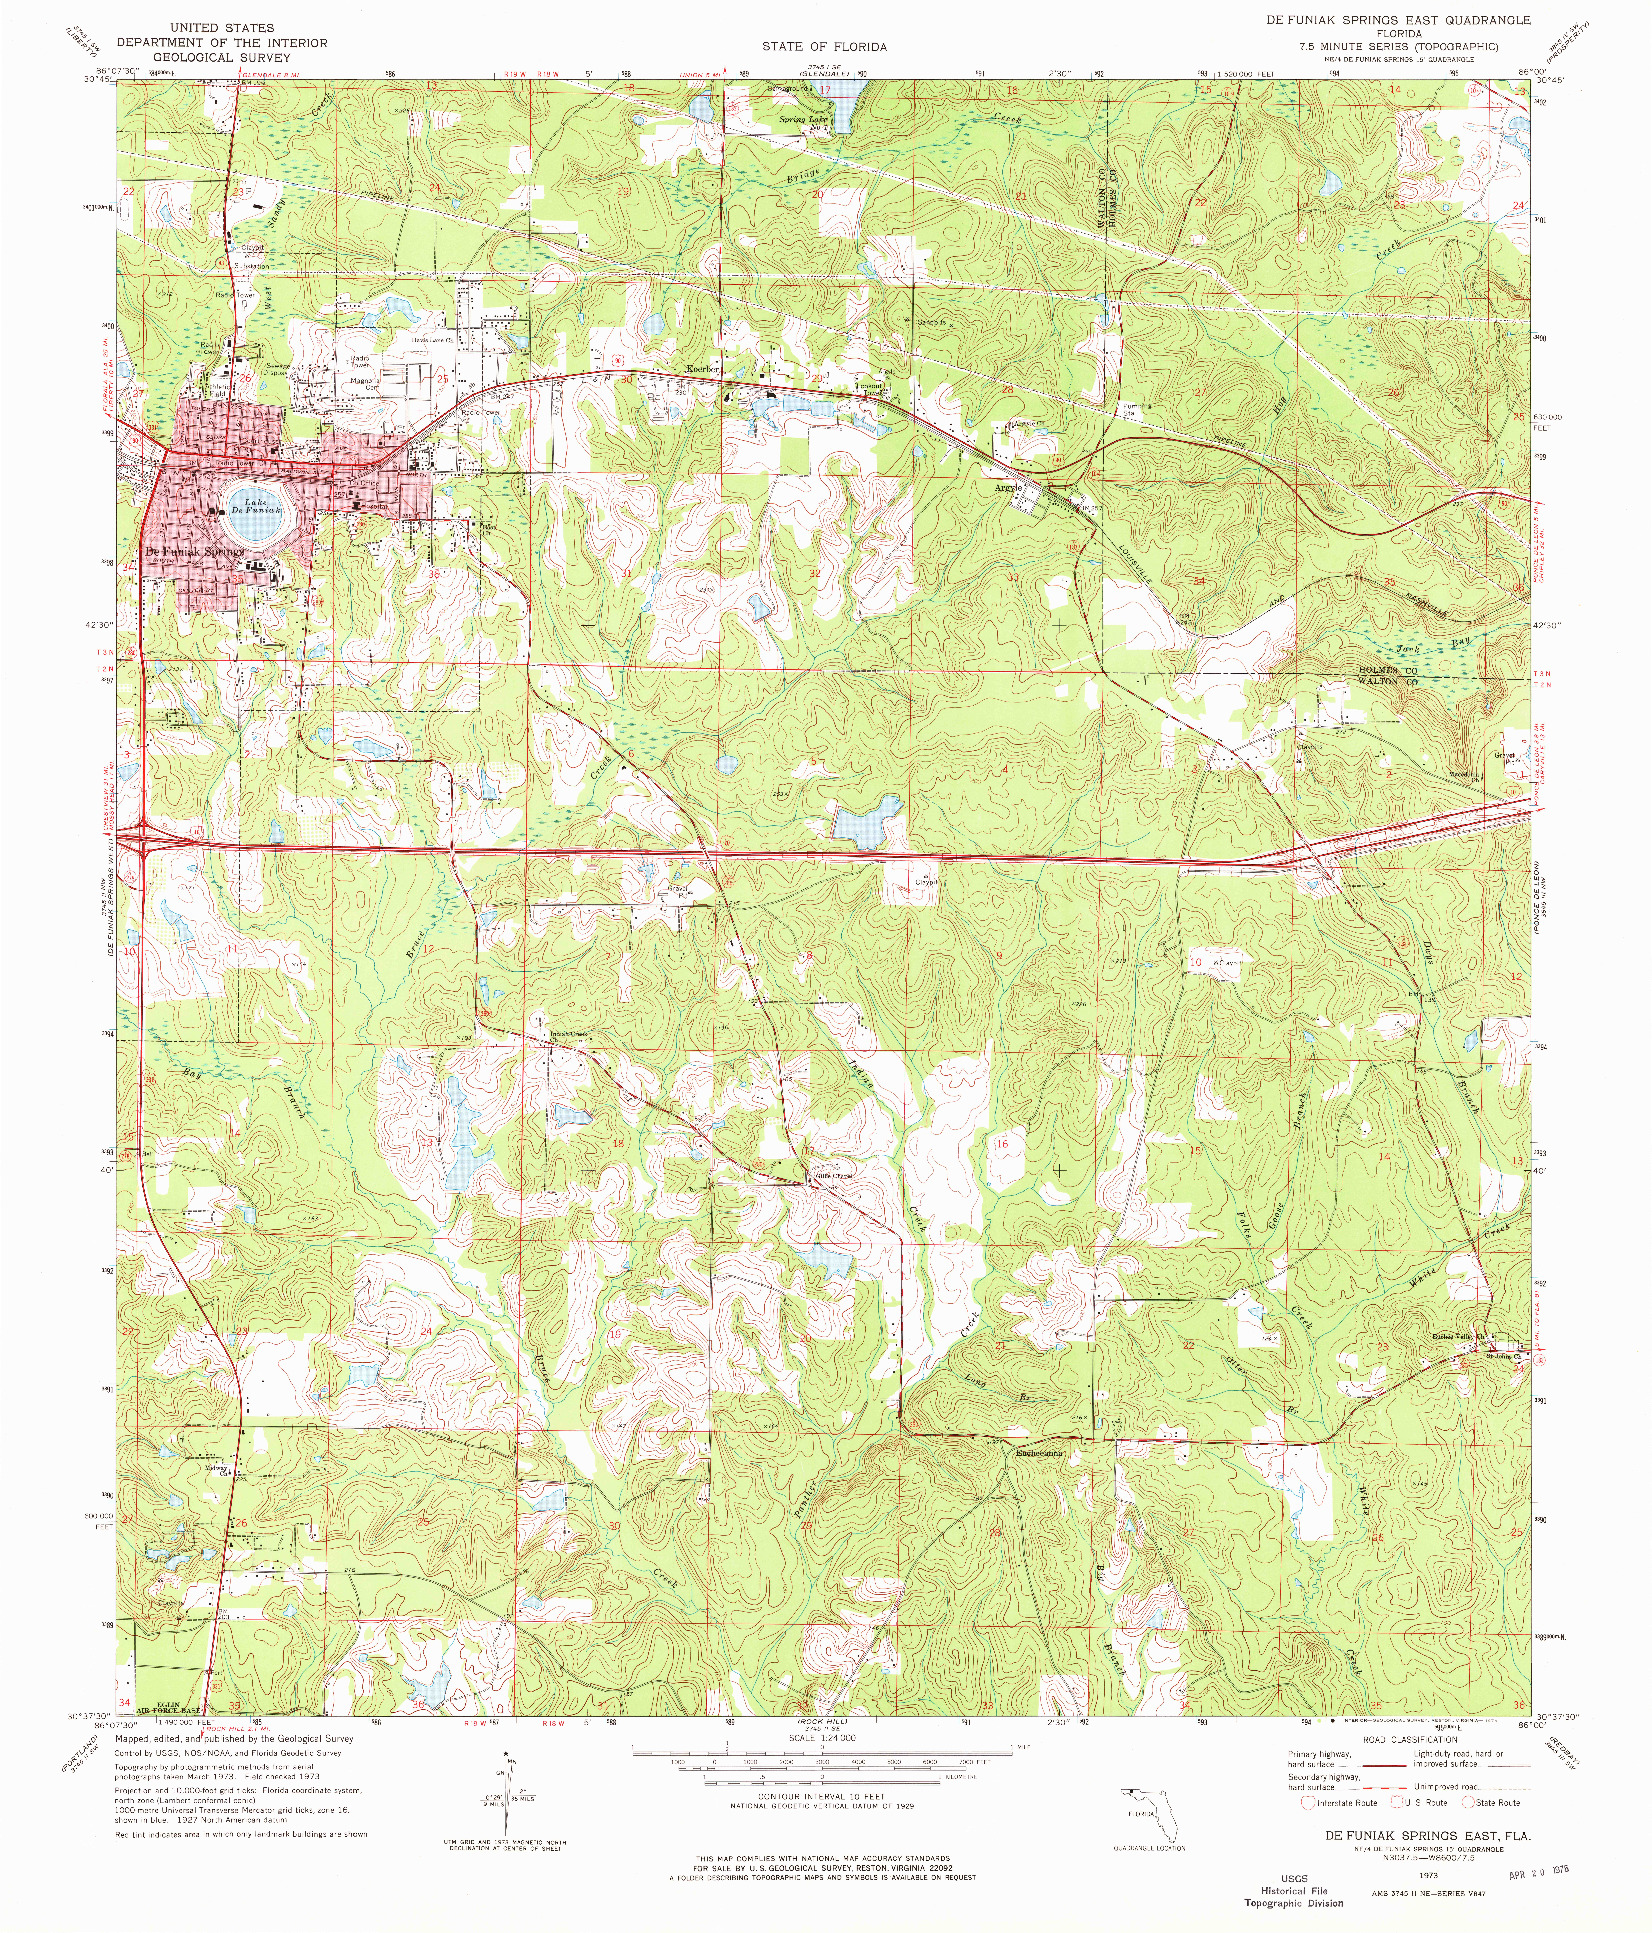 USGS 1:24000-SCALE QUADRANGLE FOR DE FUNIAK SPRINGS EAST, FL 1973